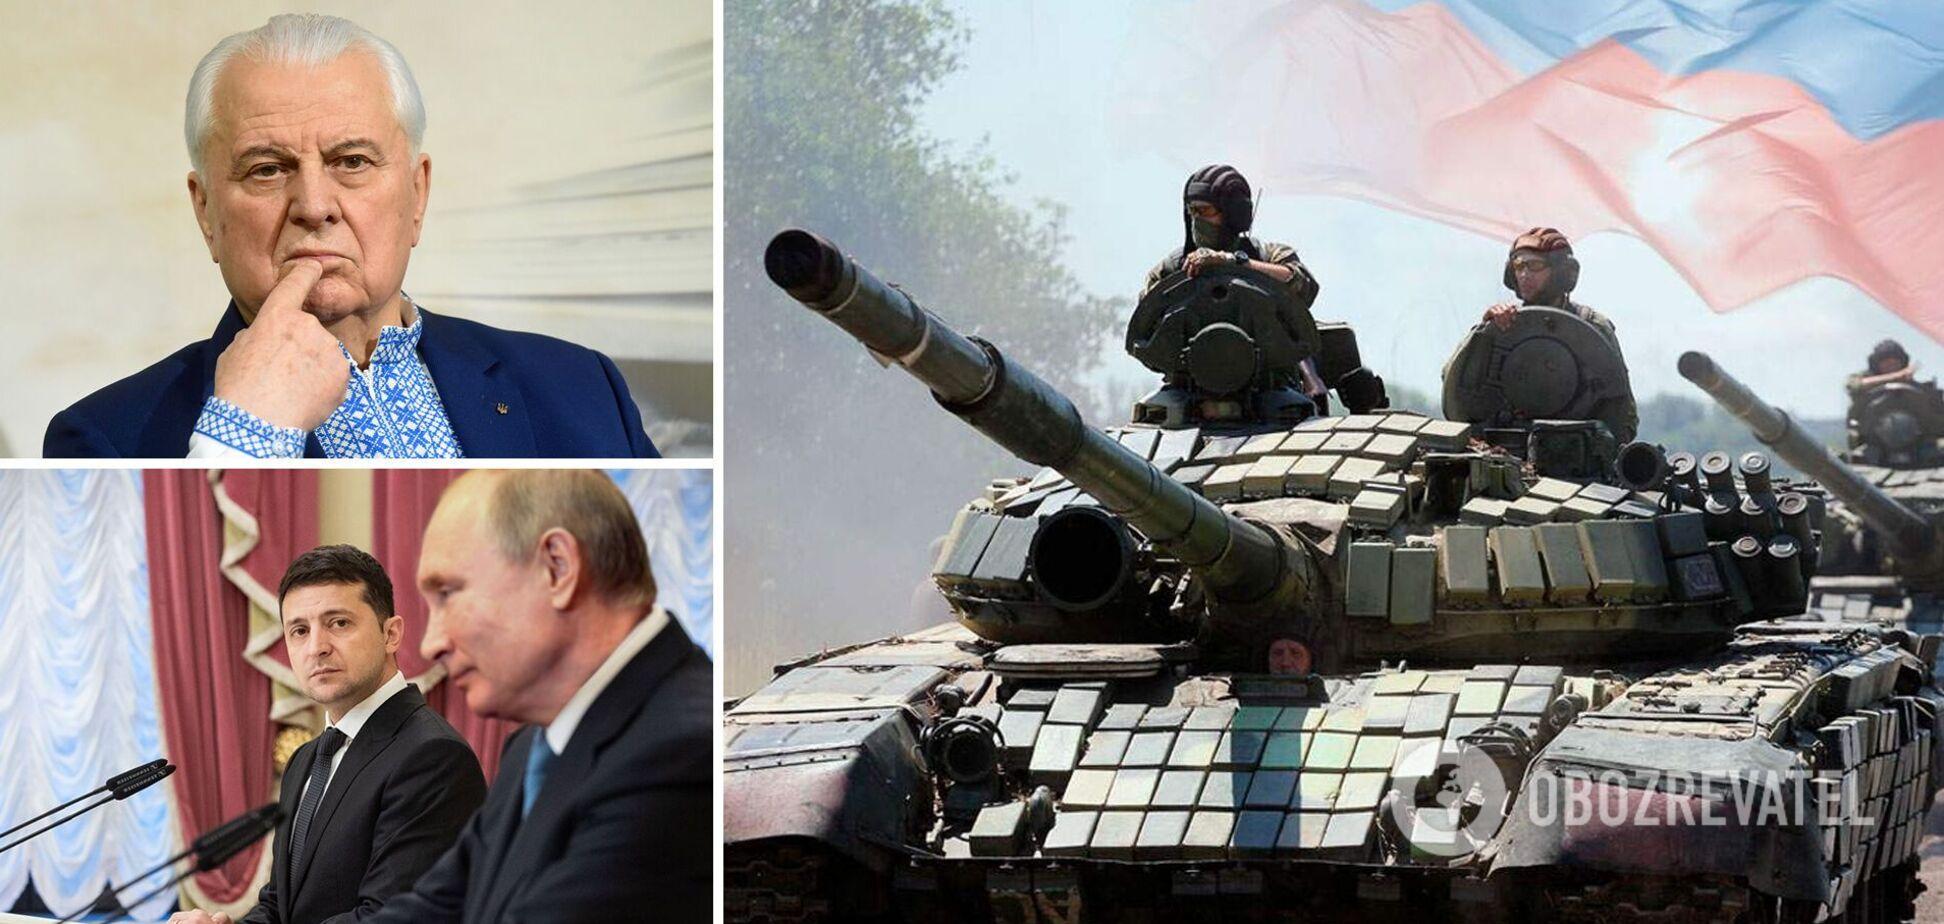 Кравчук: Зеленский проявил смелость, Путин не знает, как действовать дальше